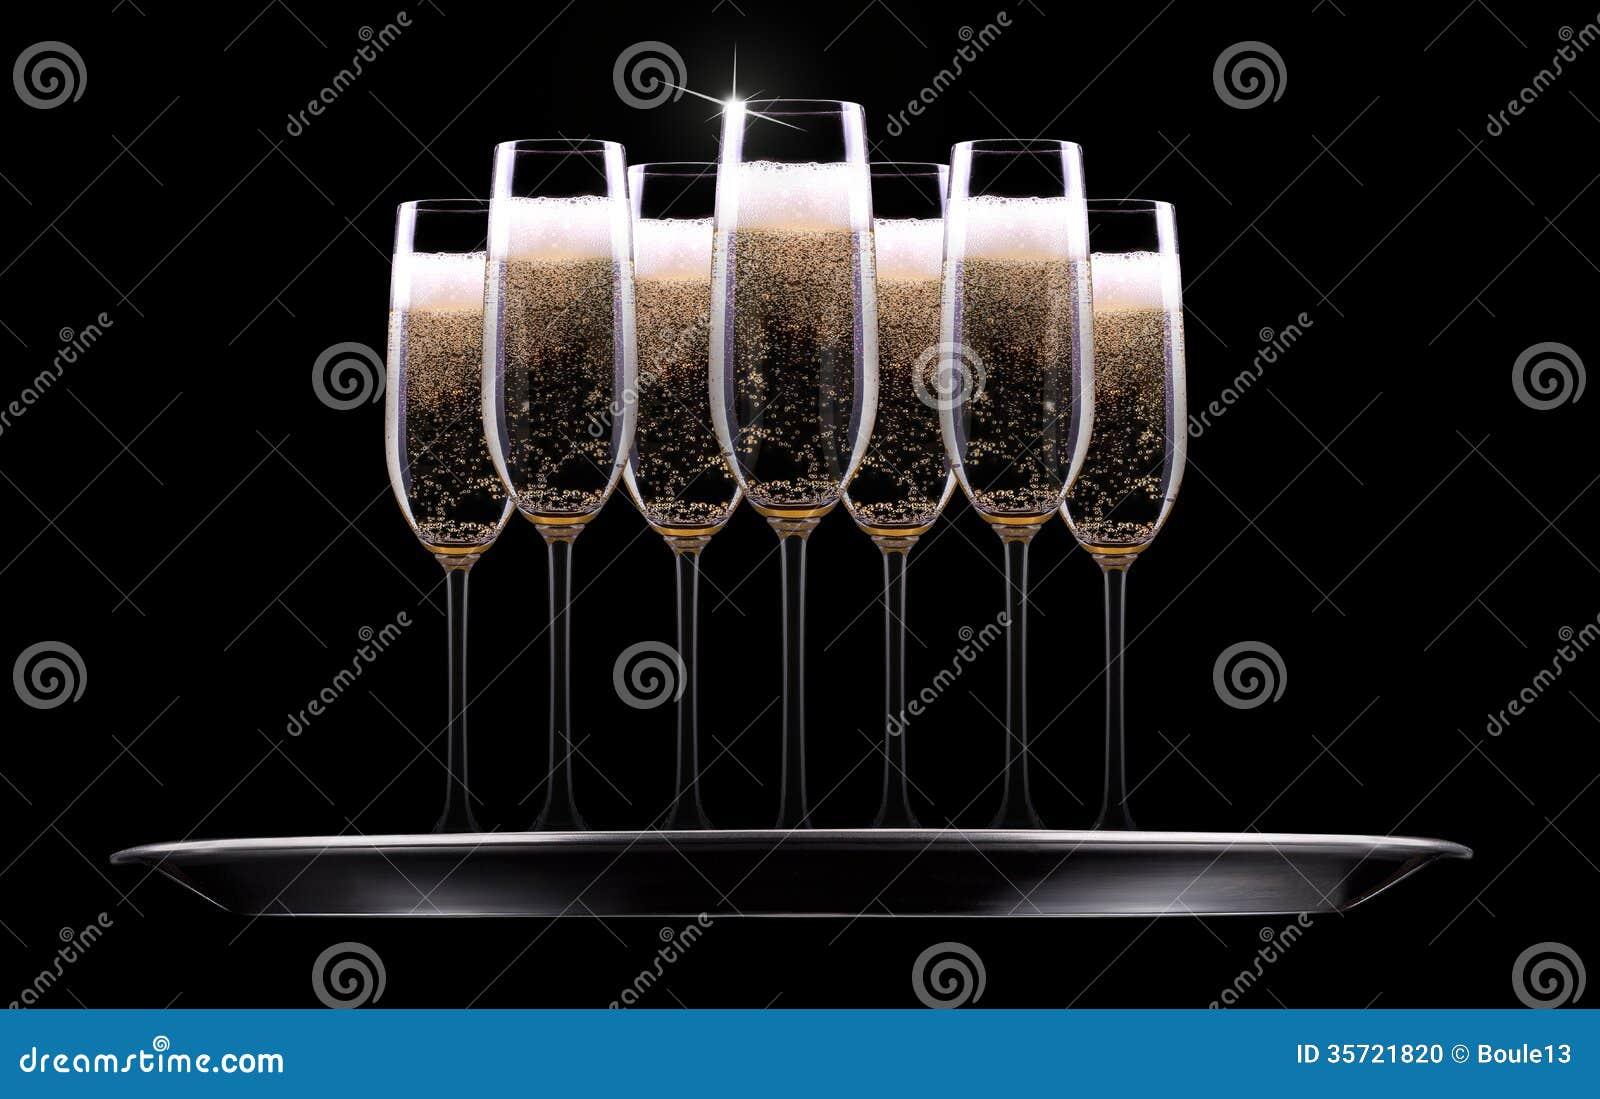 银色盘子用香槟